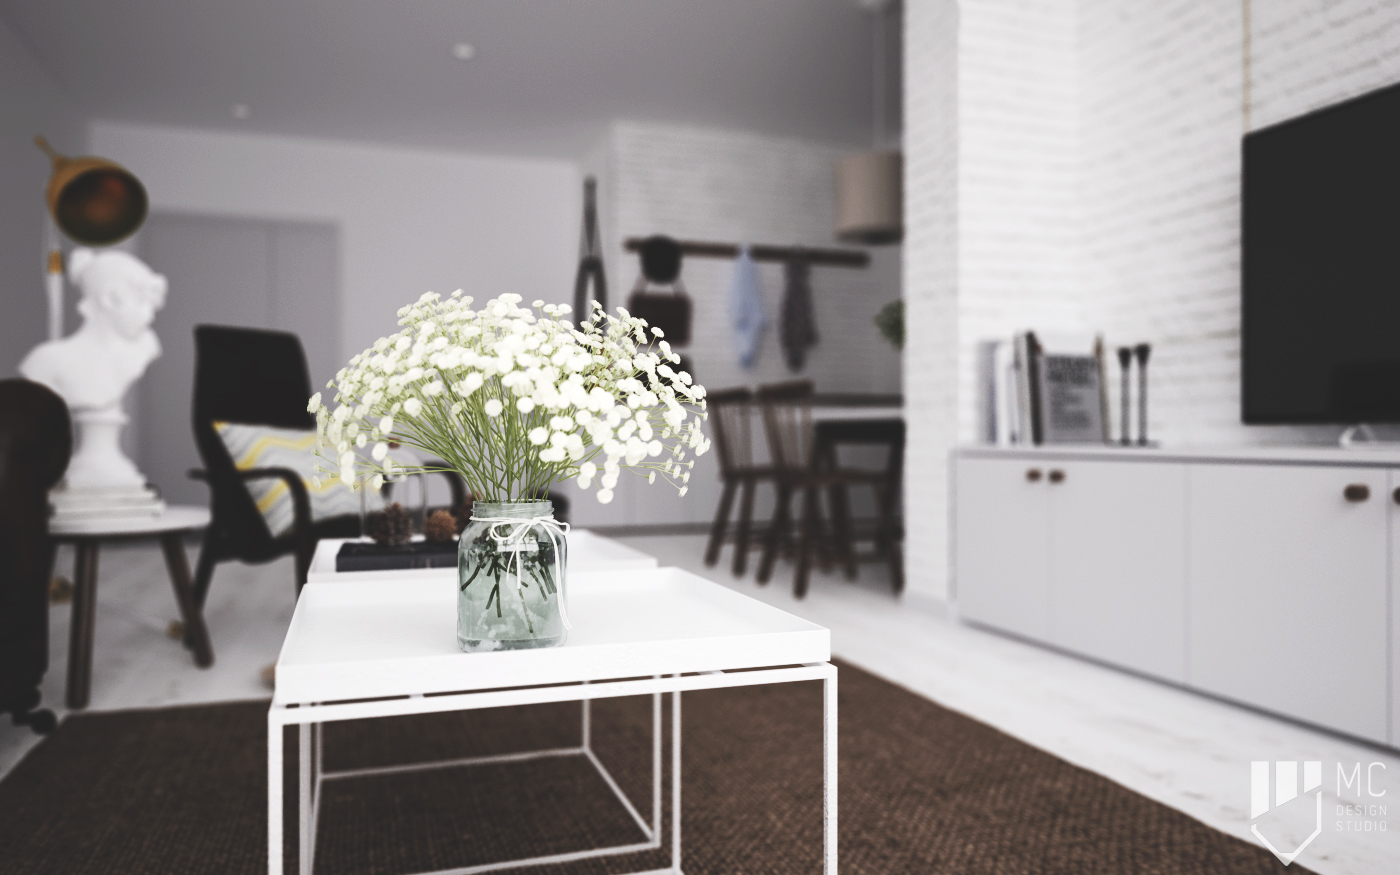 Thiết kế nội thất Chung Cư tại Hồ Chí Minh Sunrise City Apartment 1588400532 6